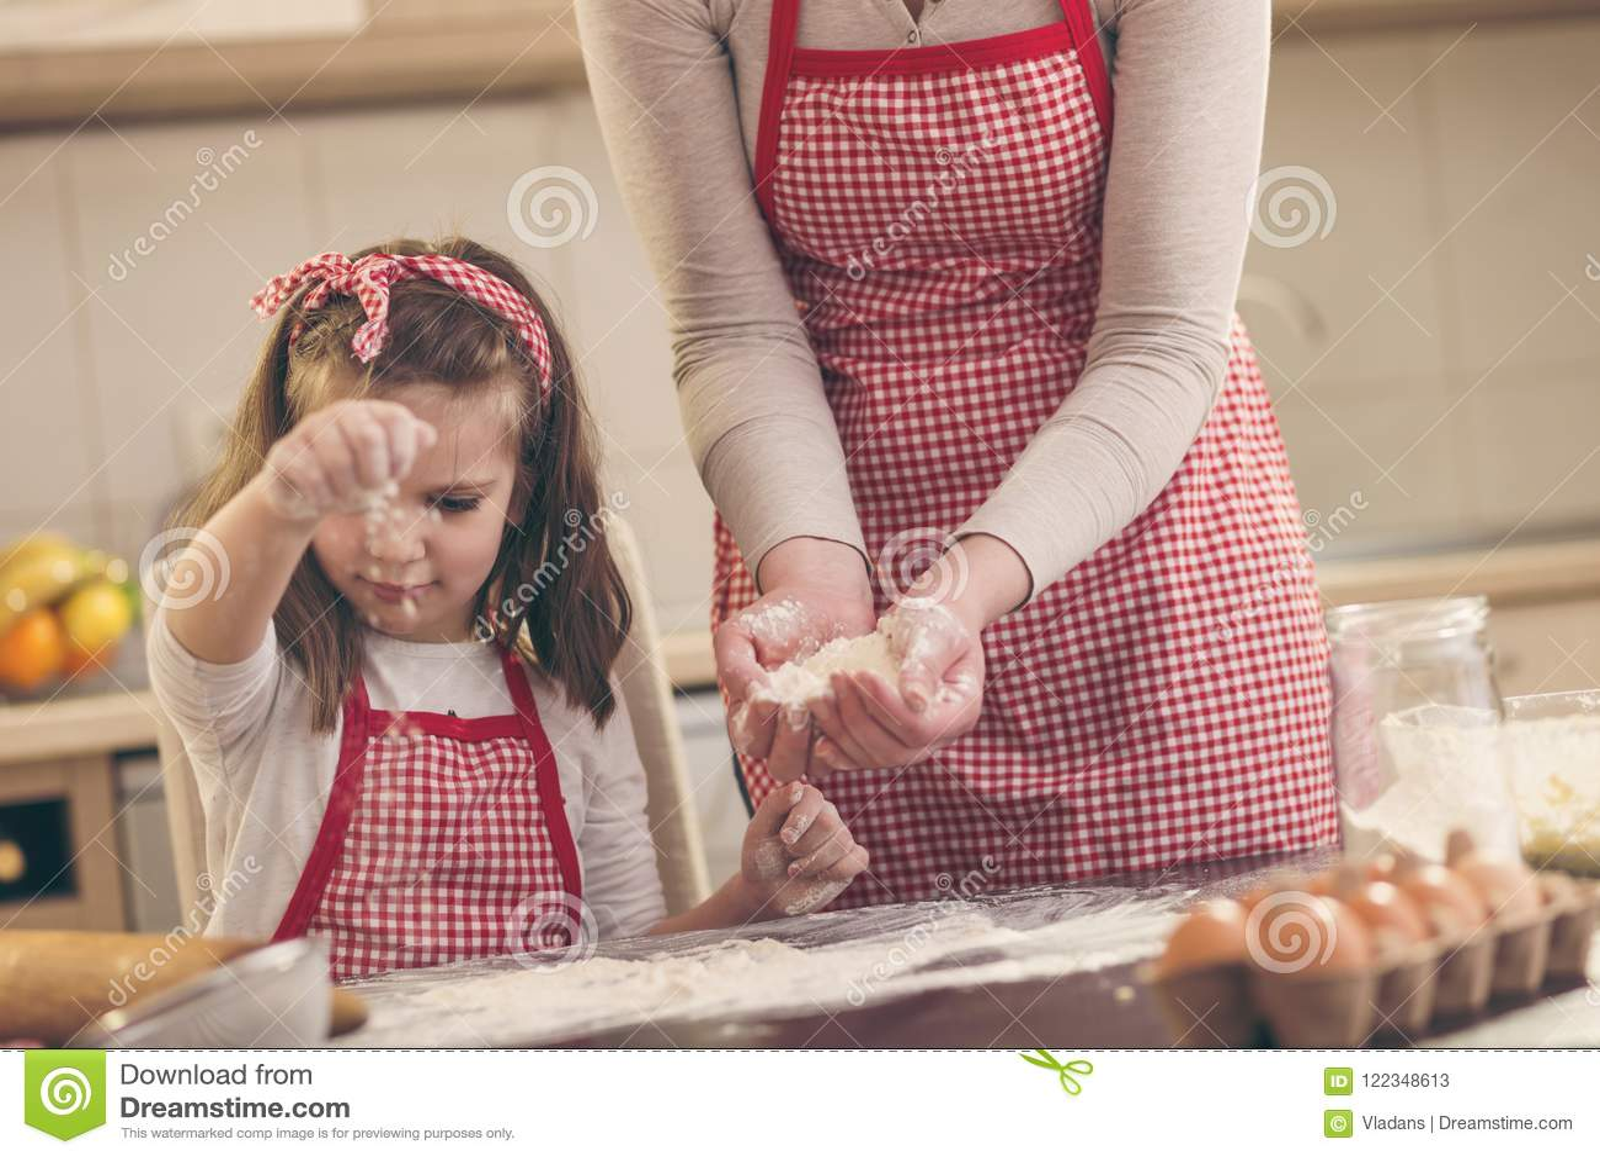 Fille arrosant la farine sur le comptoir de cuisine